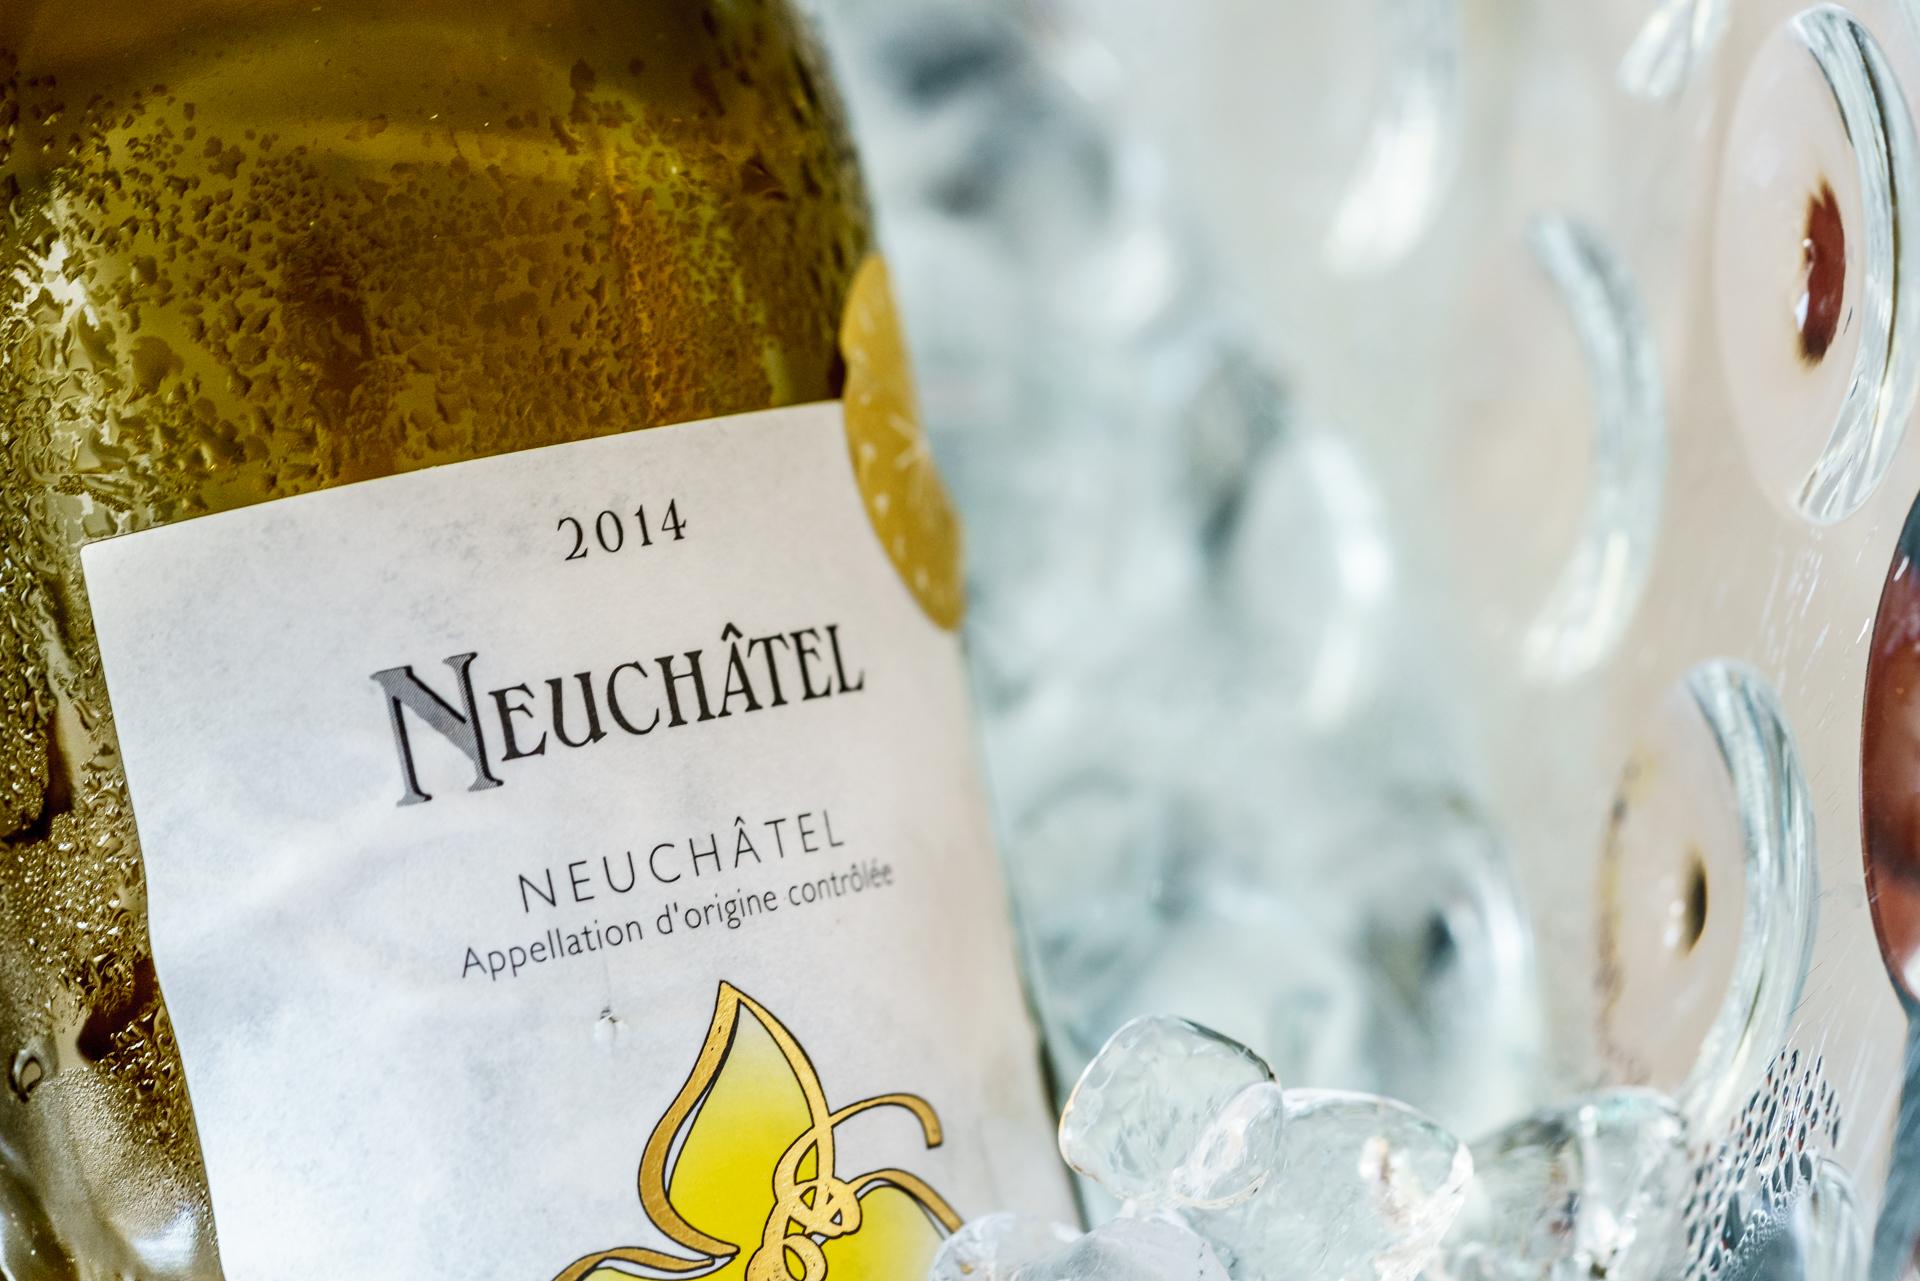 Wein-Neuchatel-2014